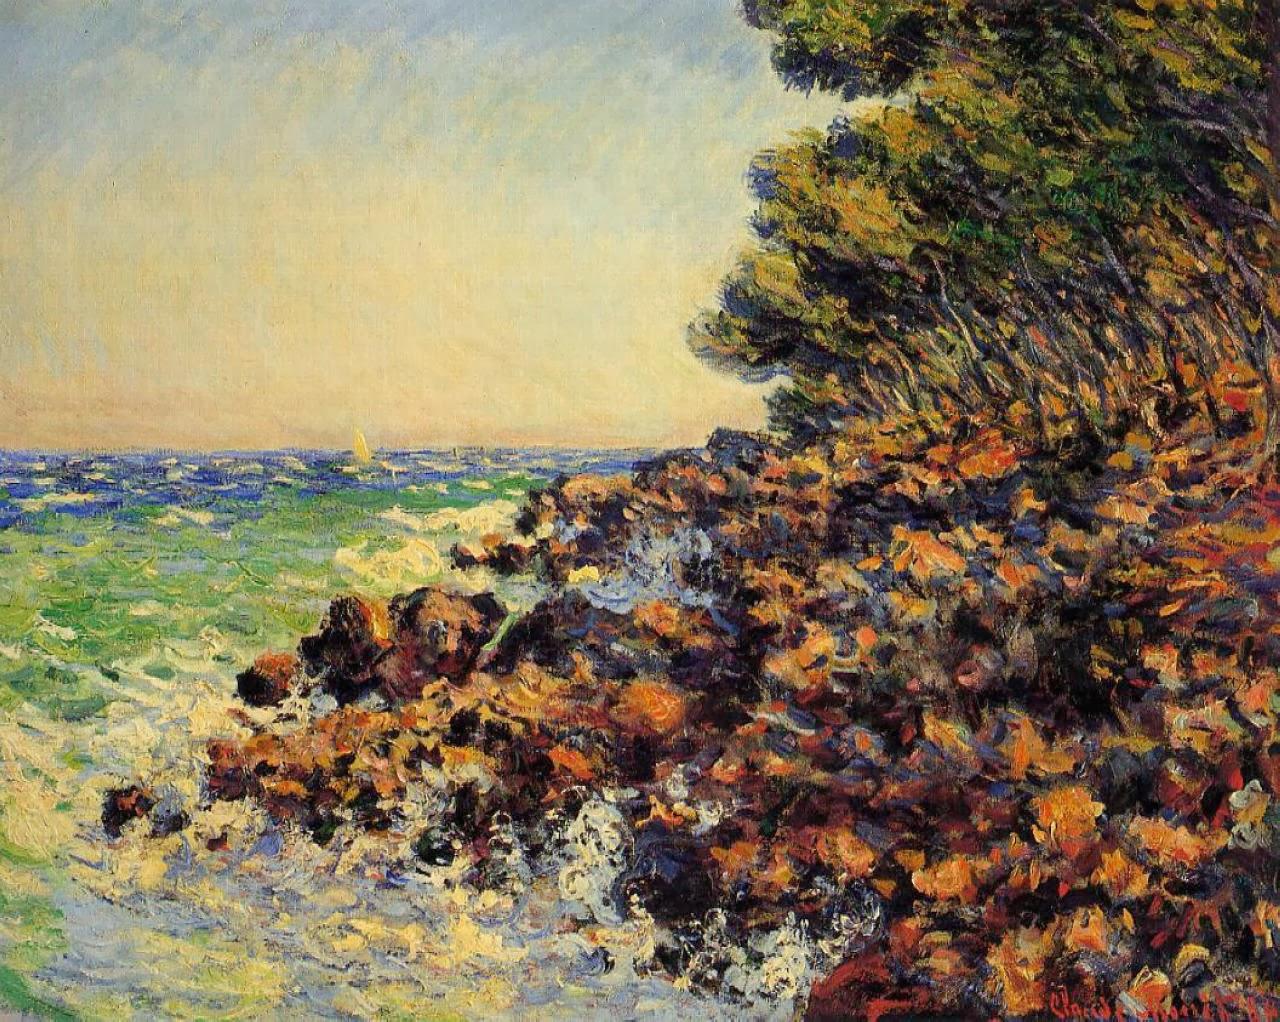 южные пейзажи < Мыс Мартин >:: Клод Моне, описание картины - Моне Клод (Claude Monet) фото